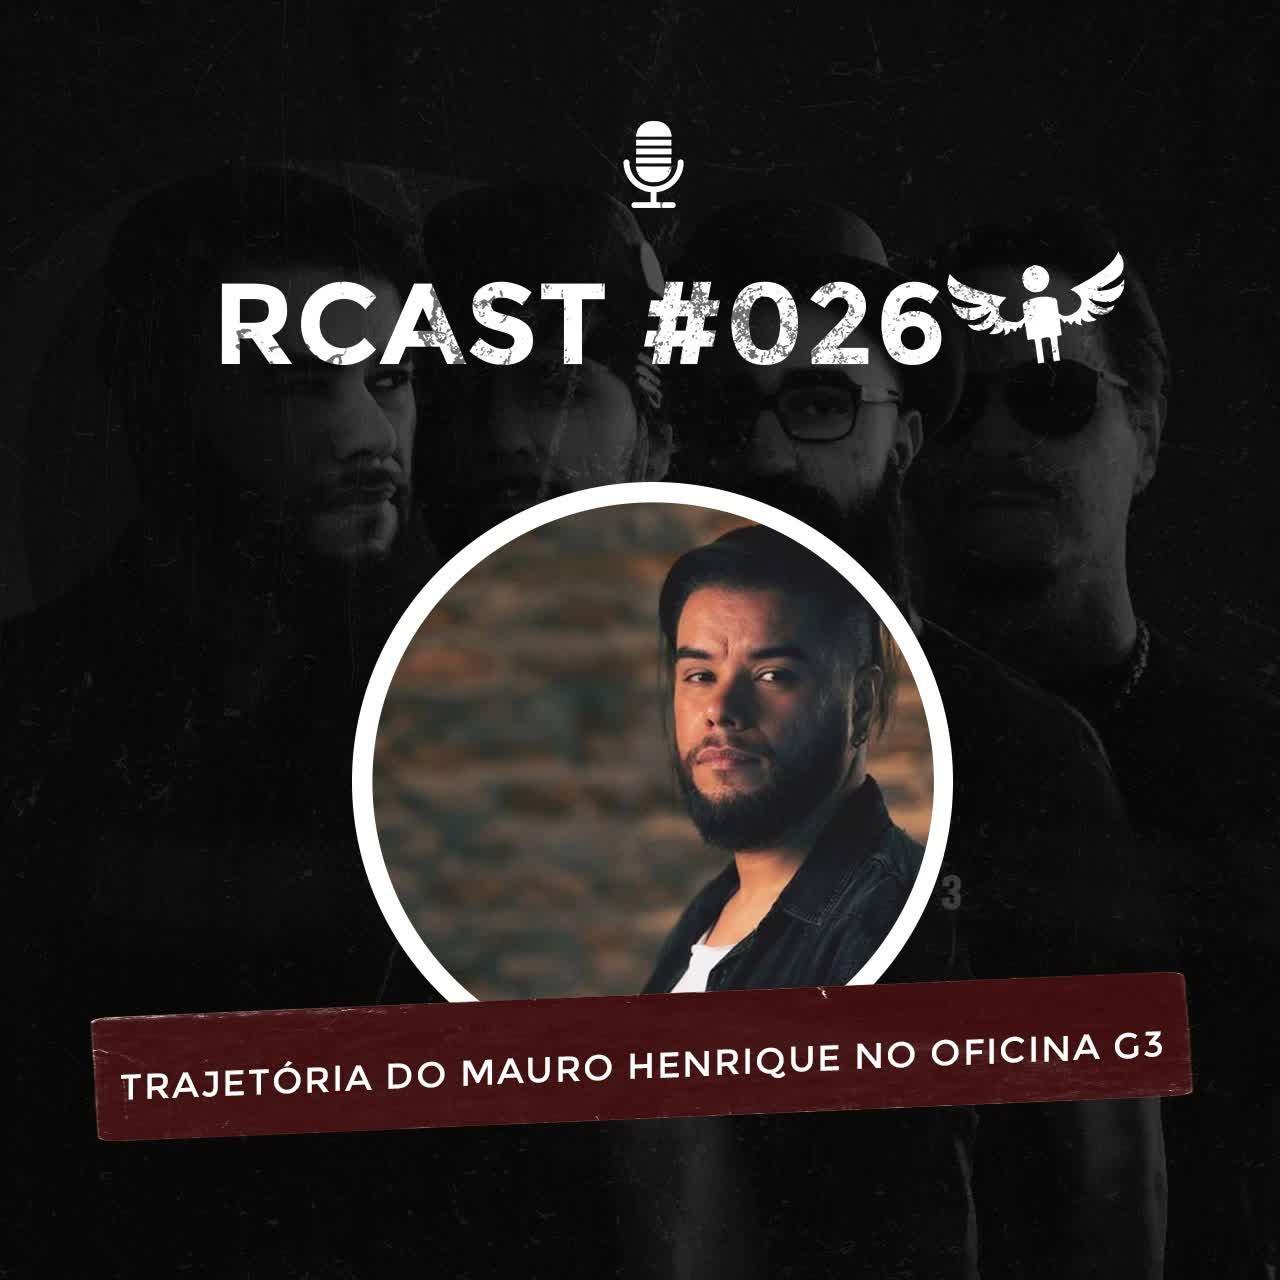 RCast #026 - A TRAJETÓRIA DO MAURO HENRIQUE NO OFICINA G3